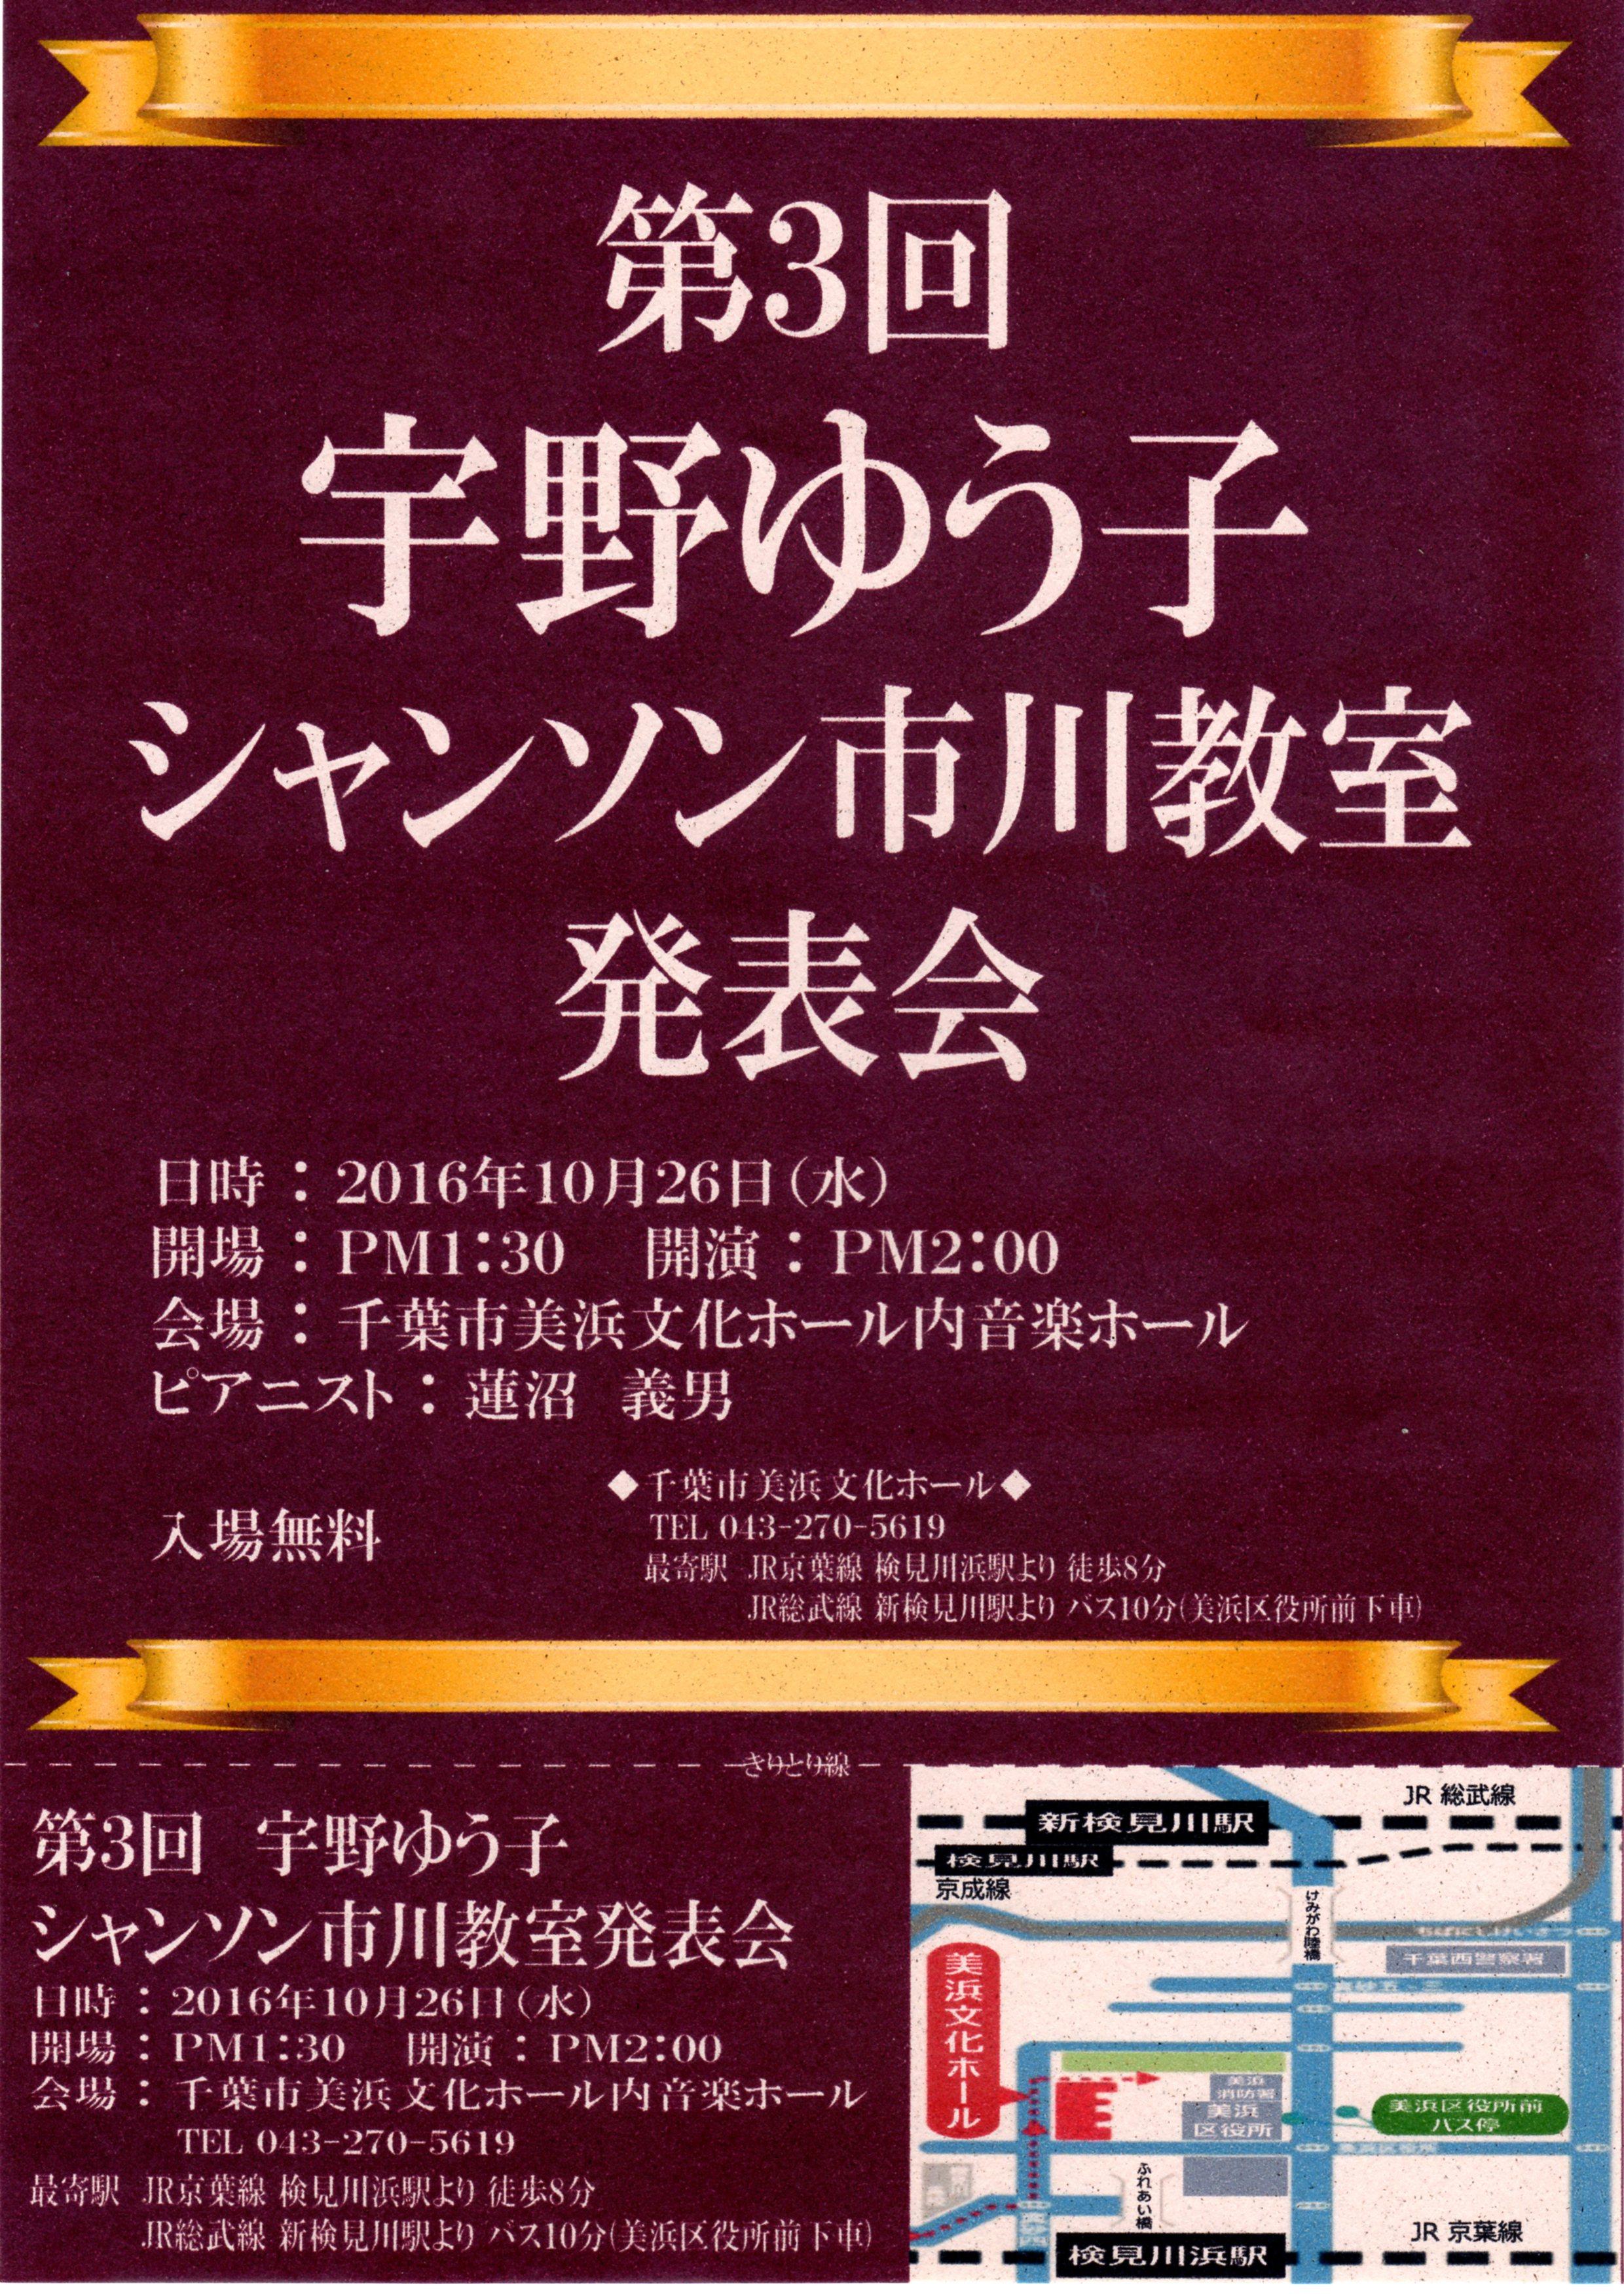 http://unoyuko.com/blog/chanson/img064.jpg